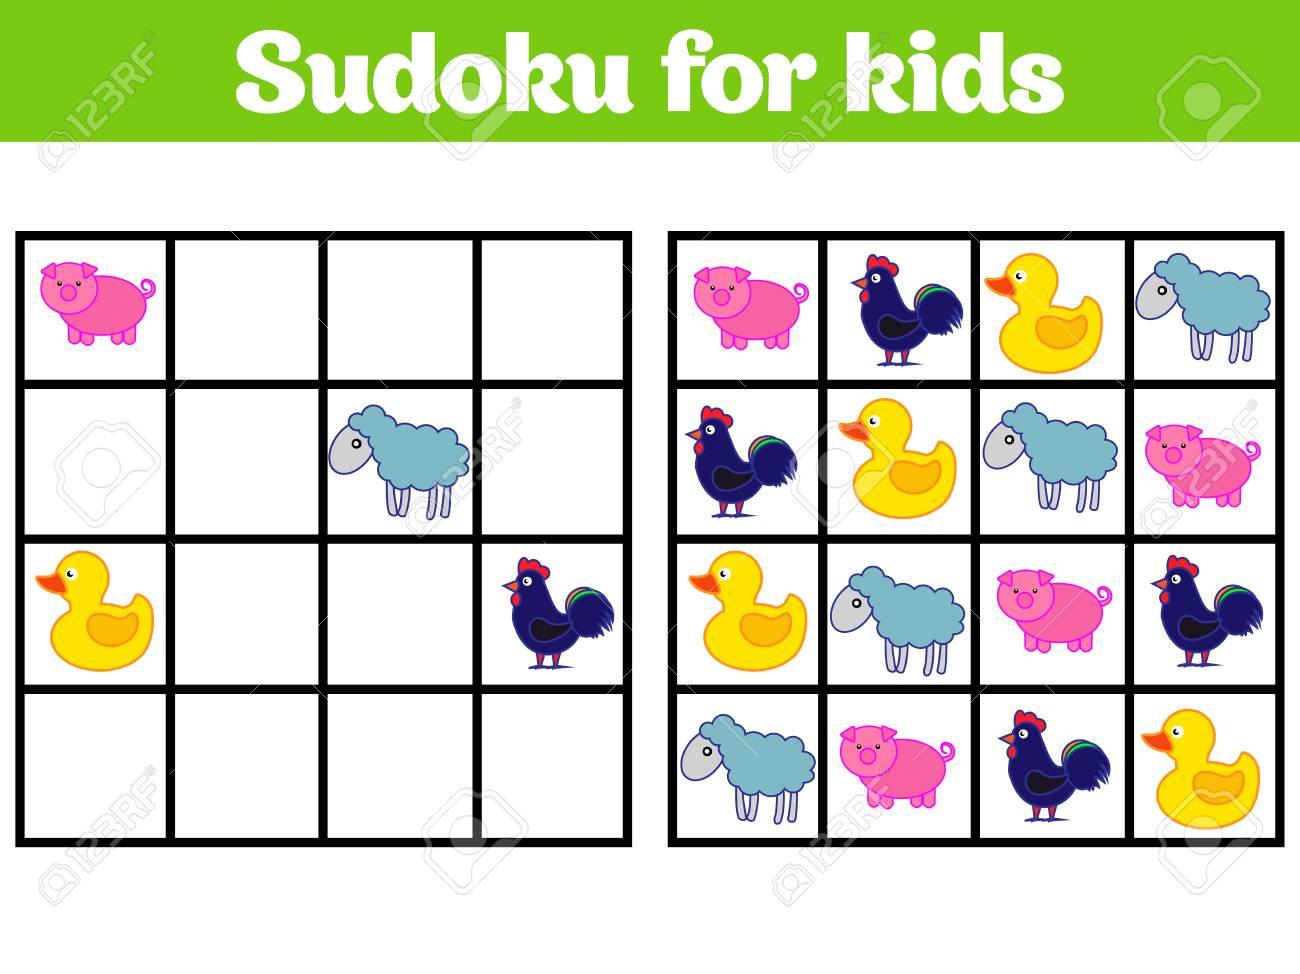 Jeu De Sudoku Pour Les Enfants Avec Des Images. Jeu De Logique Pour Les  Enfants D'âge Préscolaire. Rébus Pour Les Enfants. Illustration Vectorielle  De intérieur Sudoku Pour Enfant